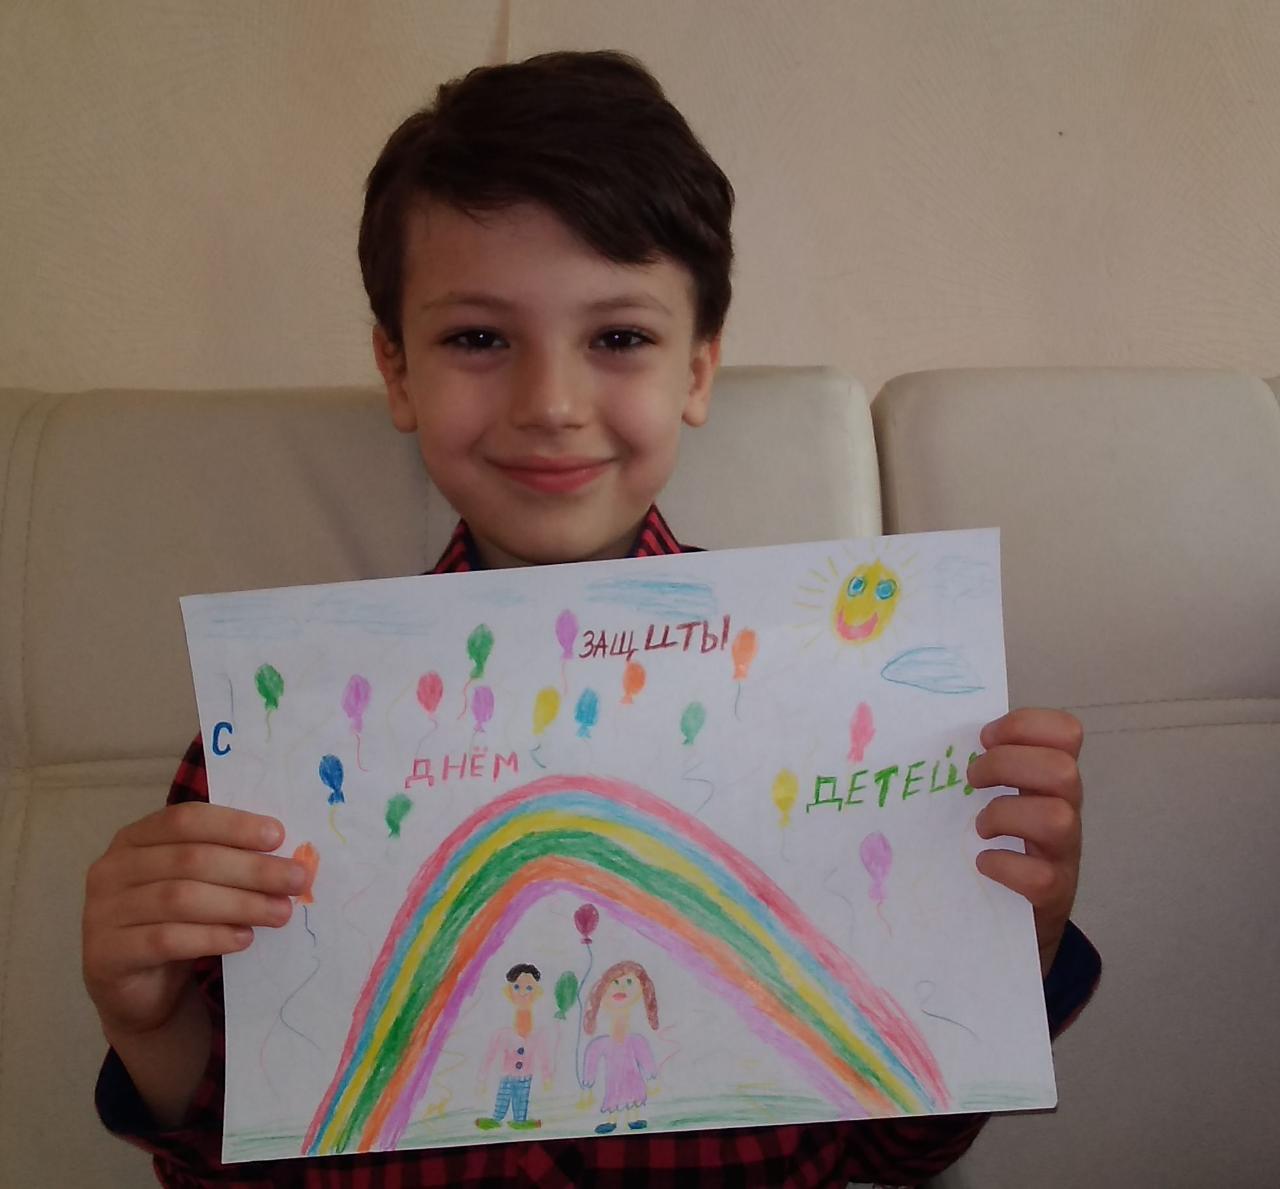 Школьники из Северной Осетии запустили акцию «Я рисую для нового друга» в поддержку детей-инвалидов